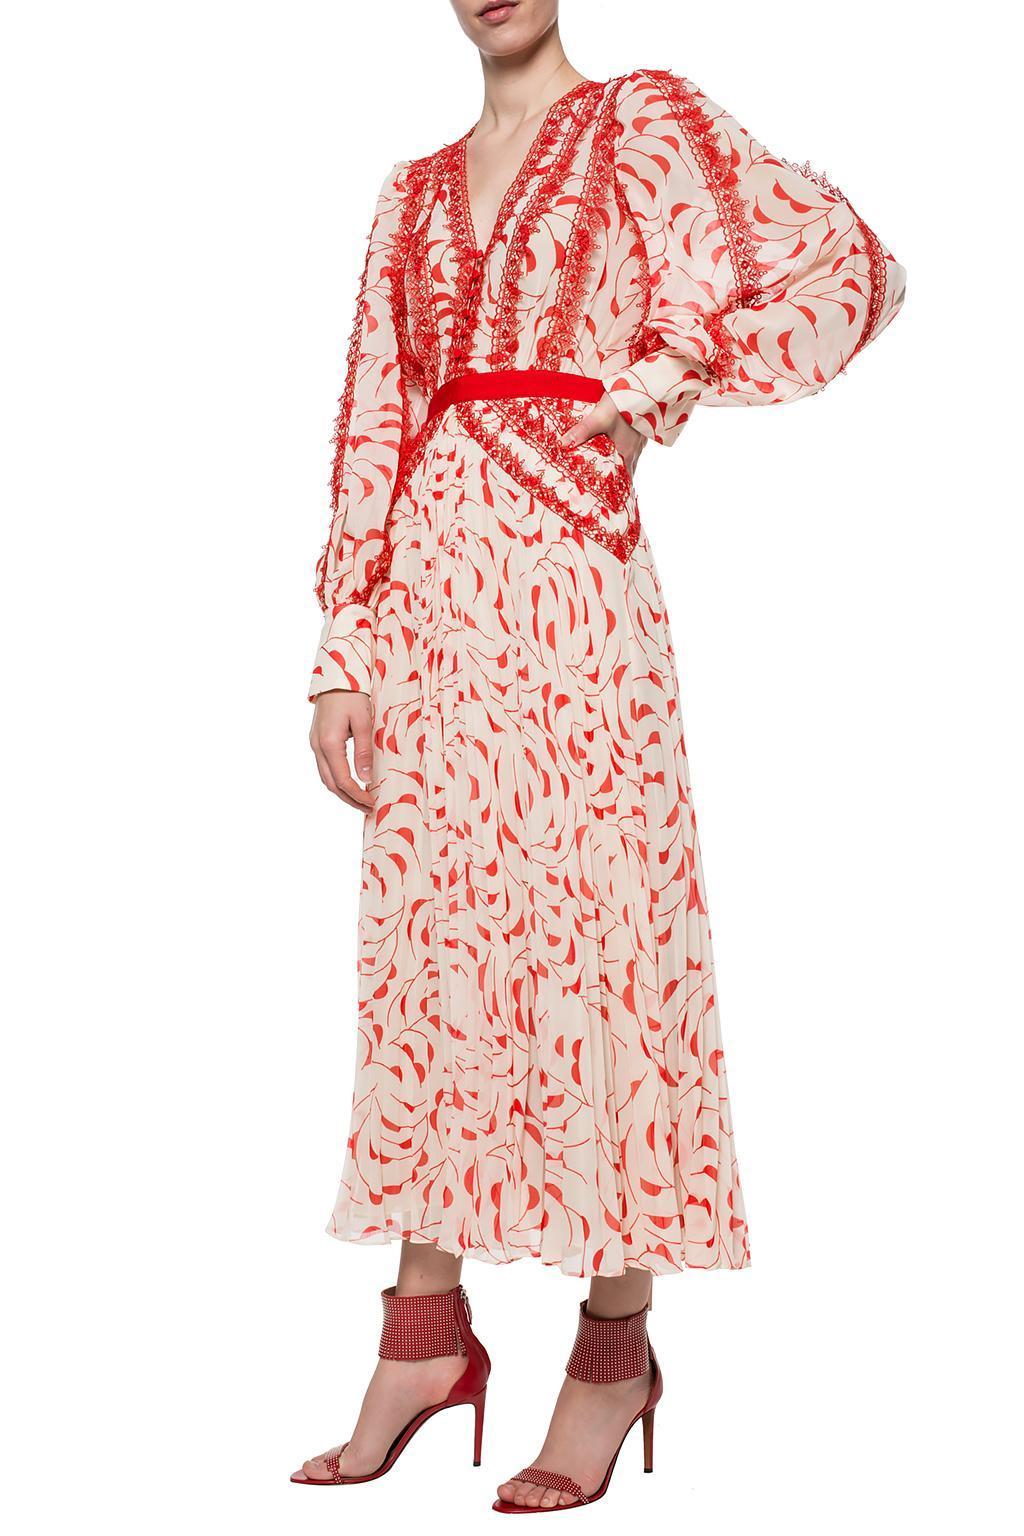 ead467975e2f7 Self-Portrait Crescent Printed Chiffon Midi Dress in Red - Save 5 ...